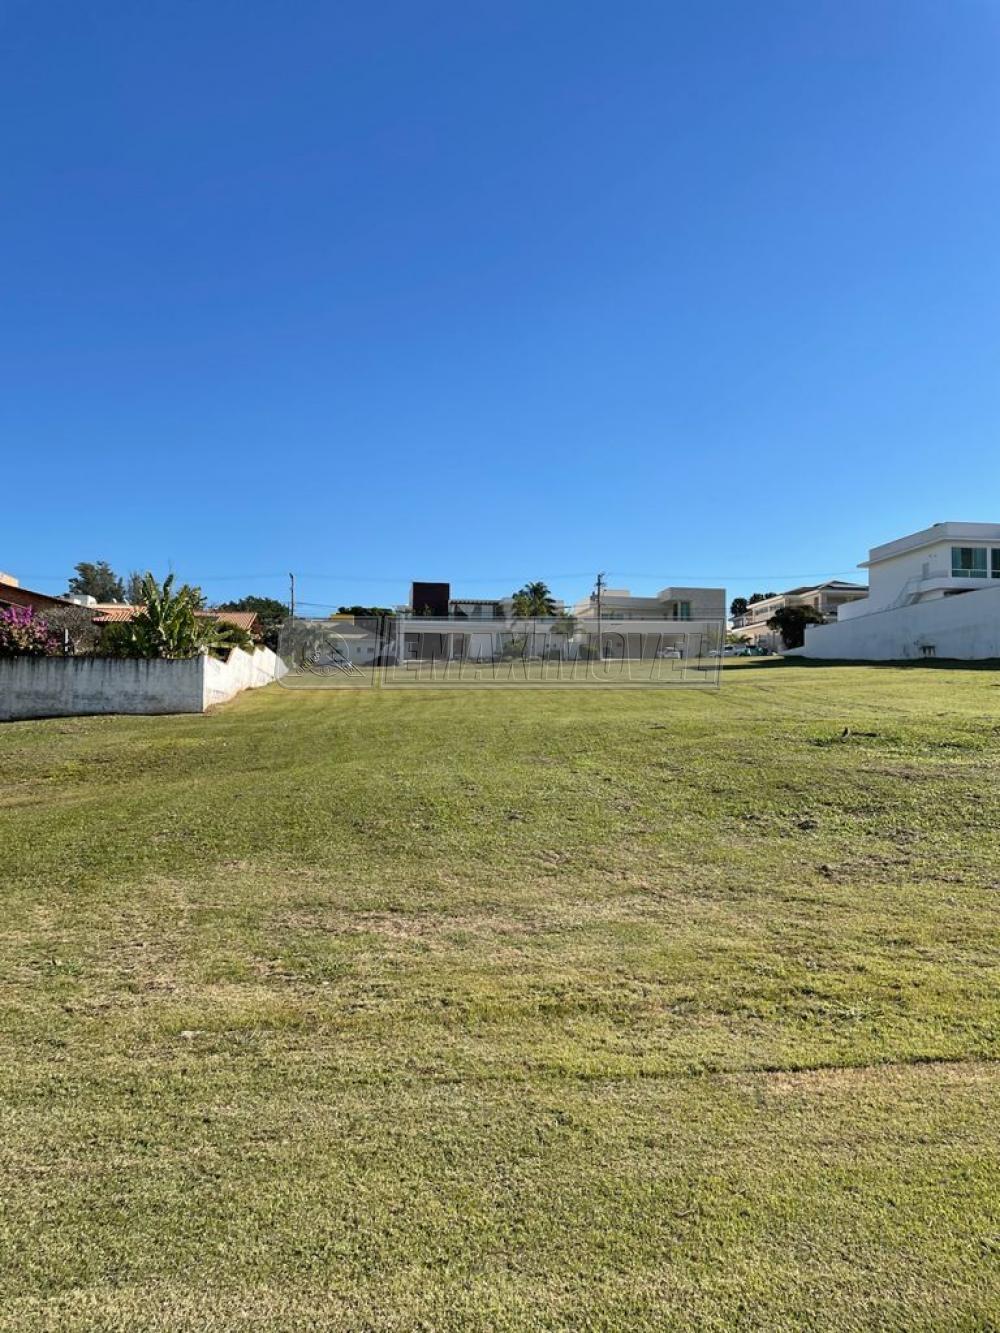 Comprar Terreno / em Condomínios em Sorocaba R$ 580.000,00 - Foto 3